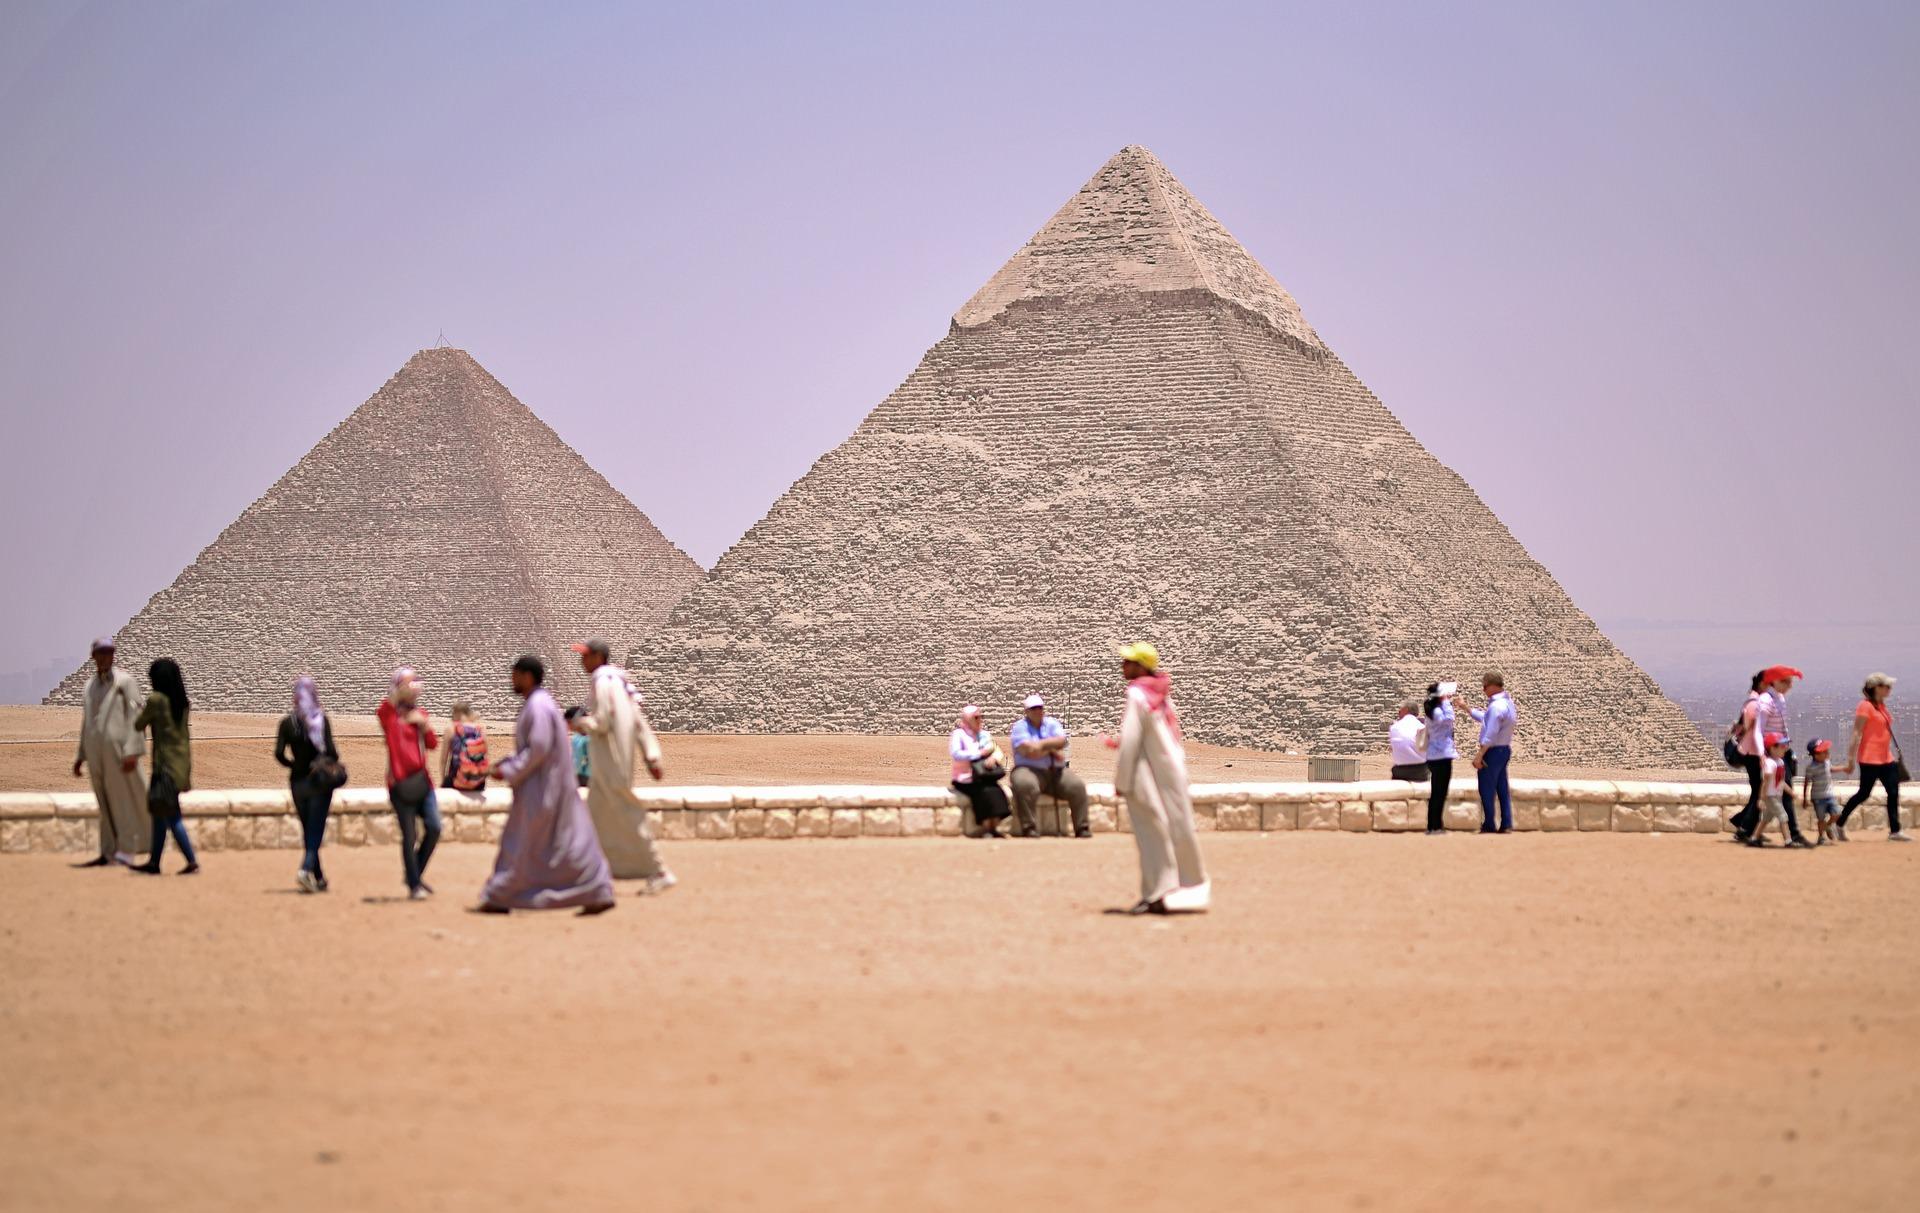 أفضل الجولات التي يمكنك القيام بها في مصر